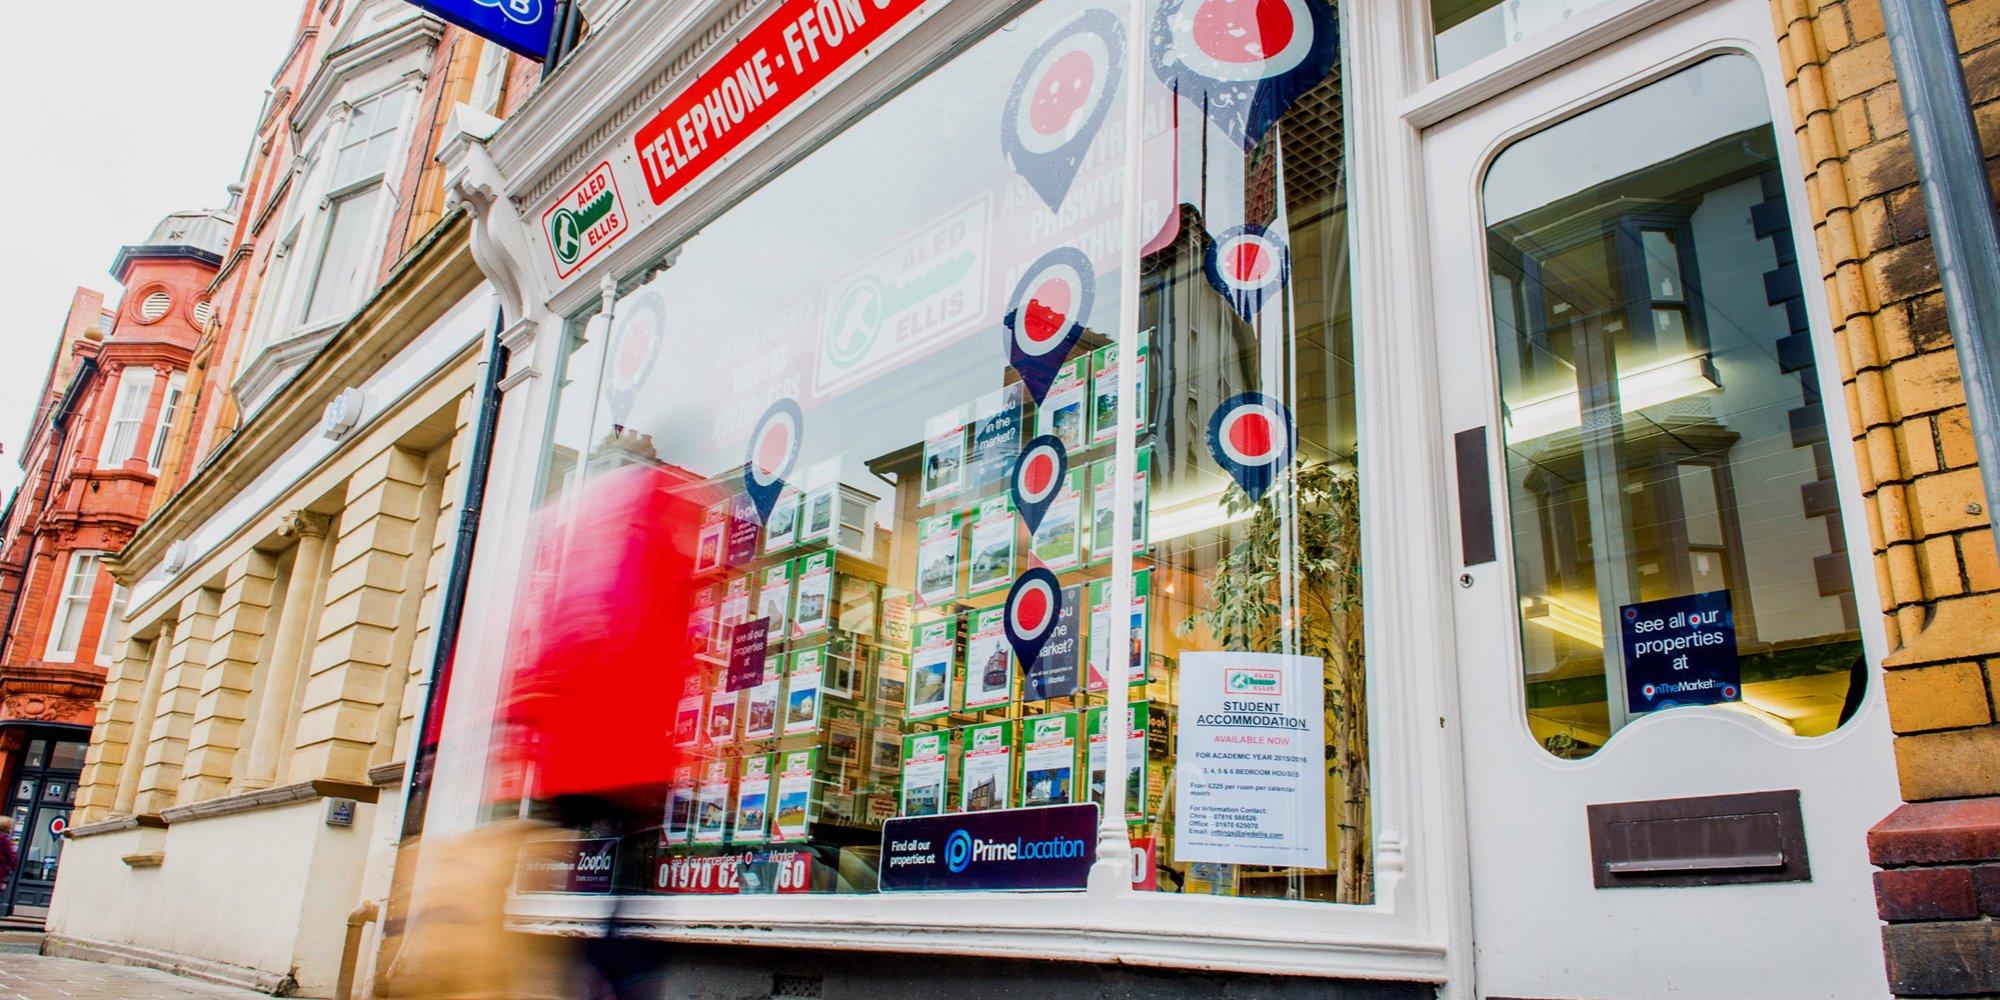 Aled Ellis and Co Ltd, Aberystwyth